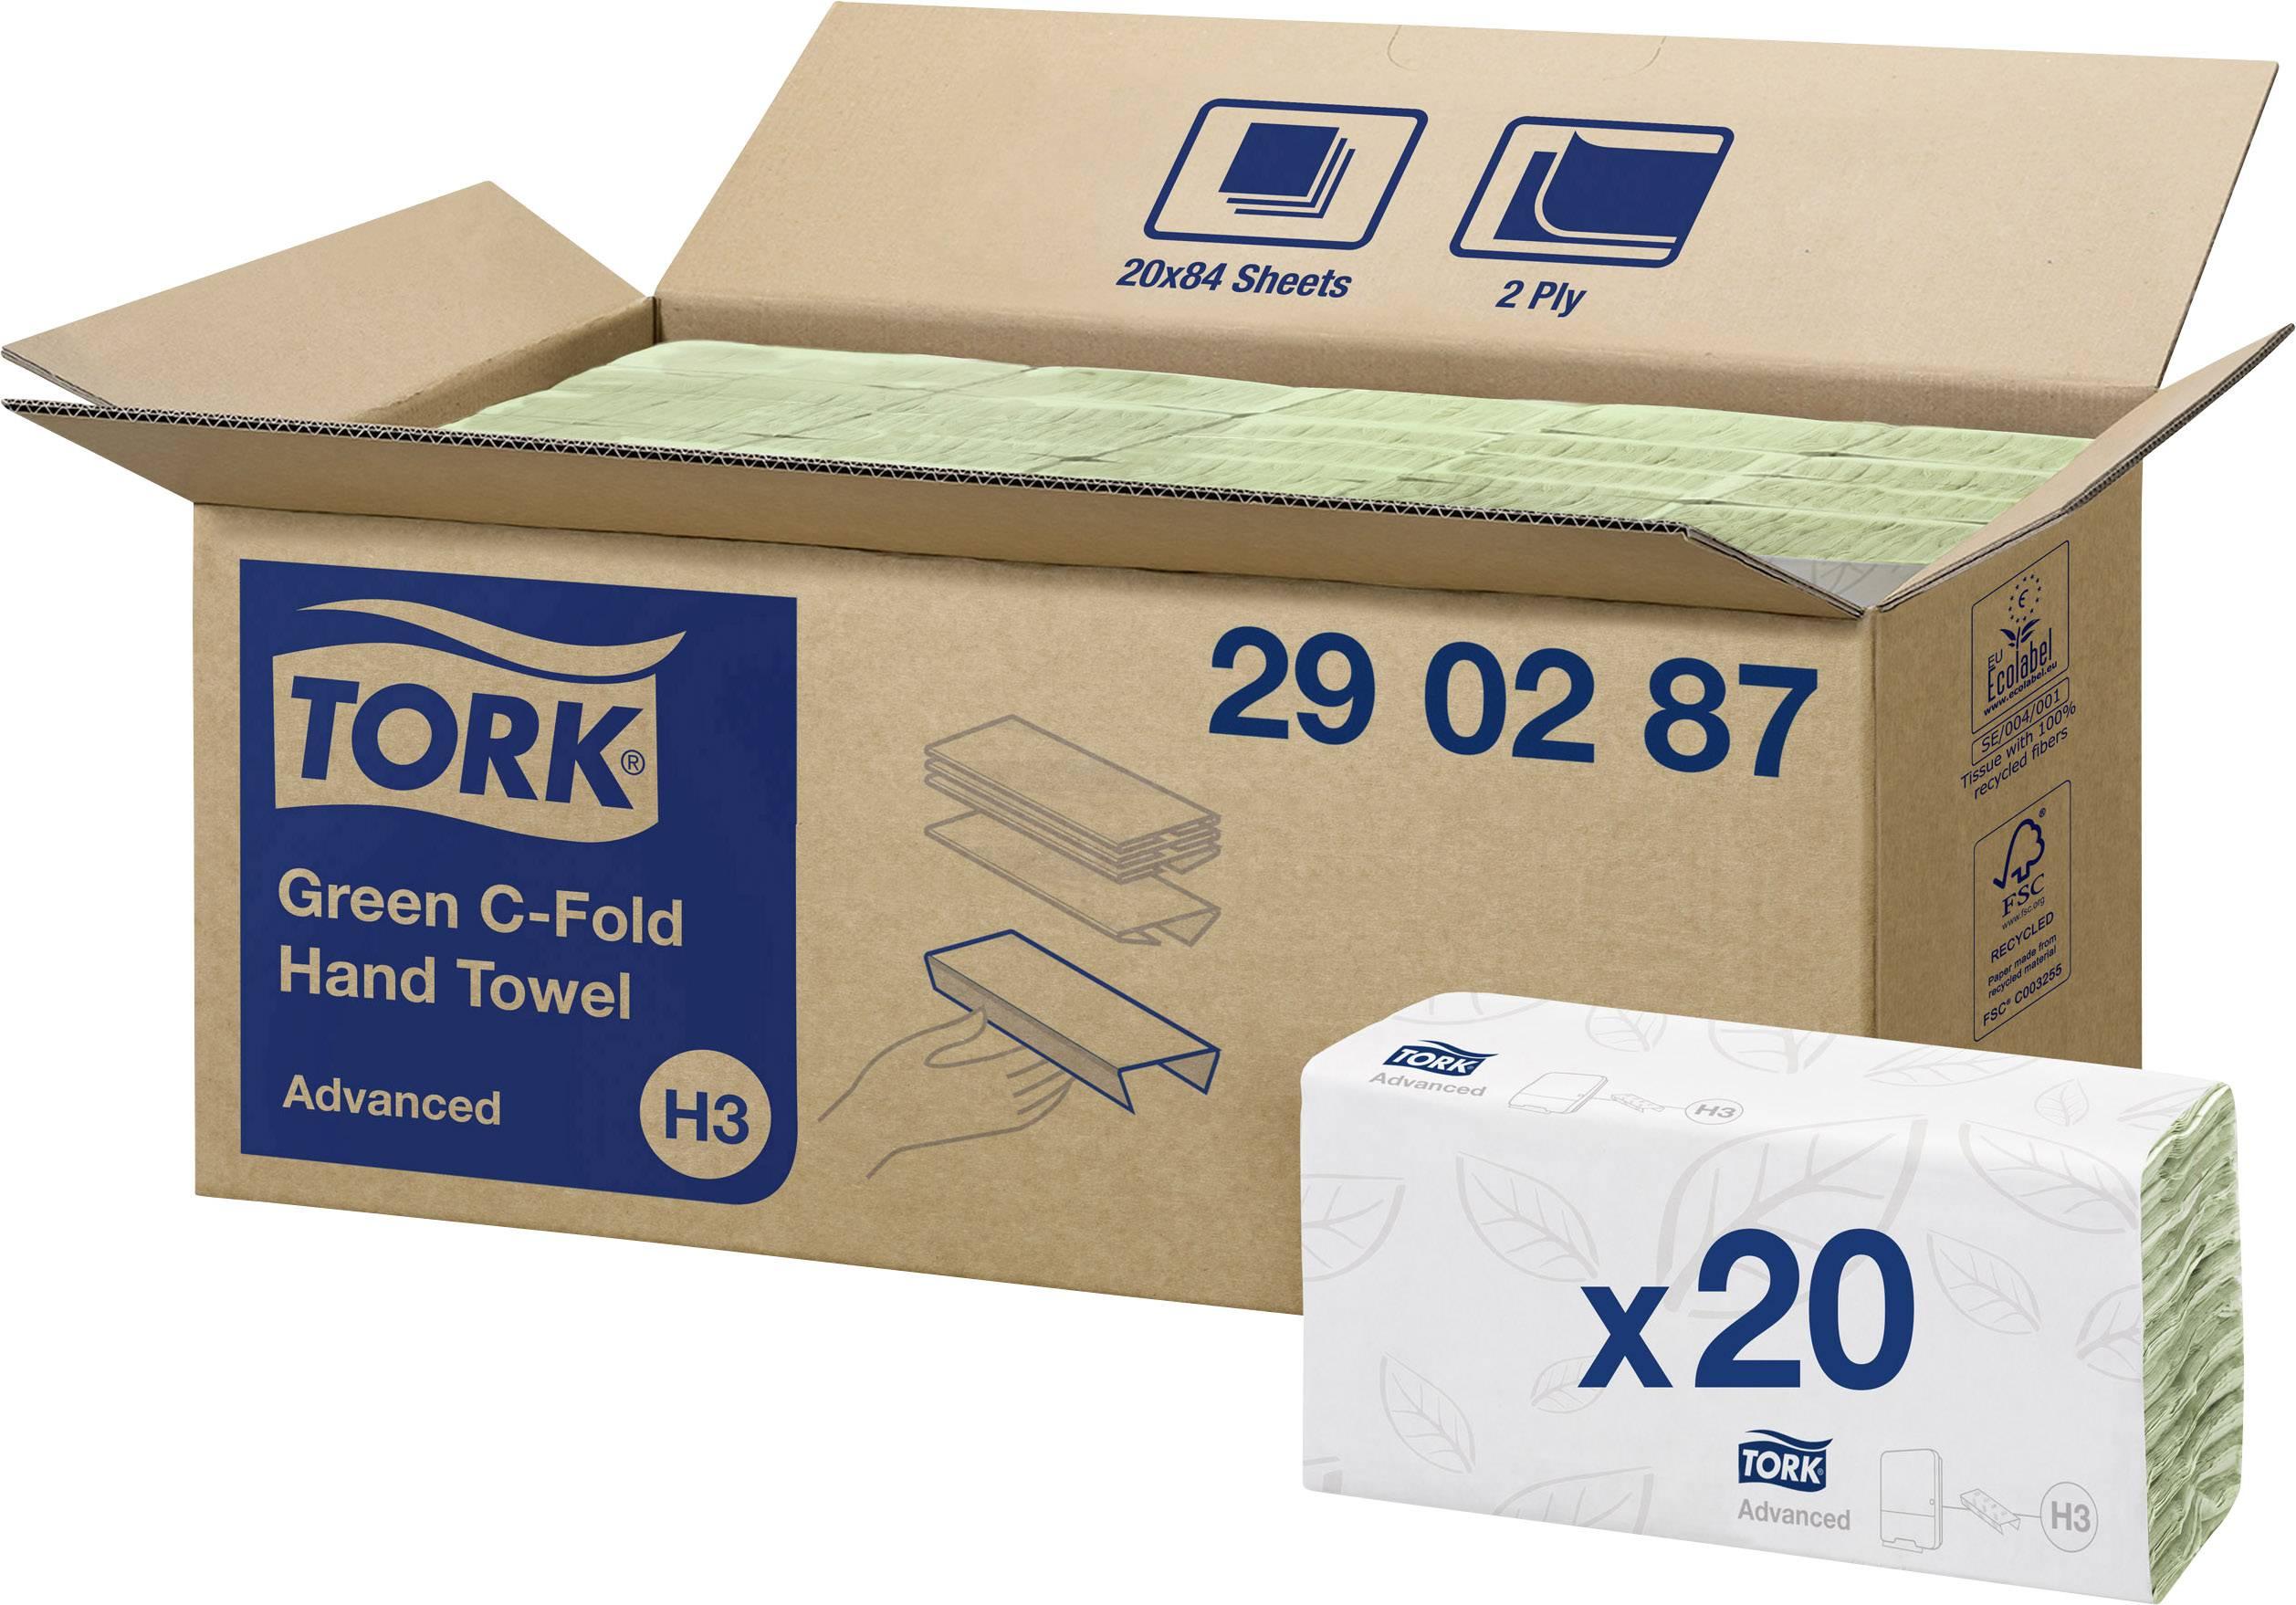 Papierové utierky, skladané TORK Advanced 290287, 1680 ks/balenie